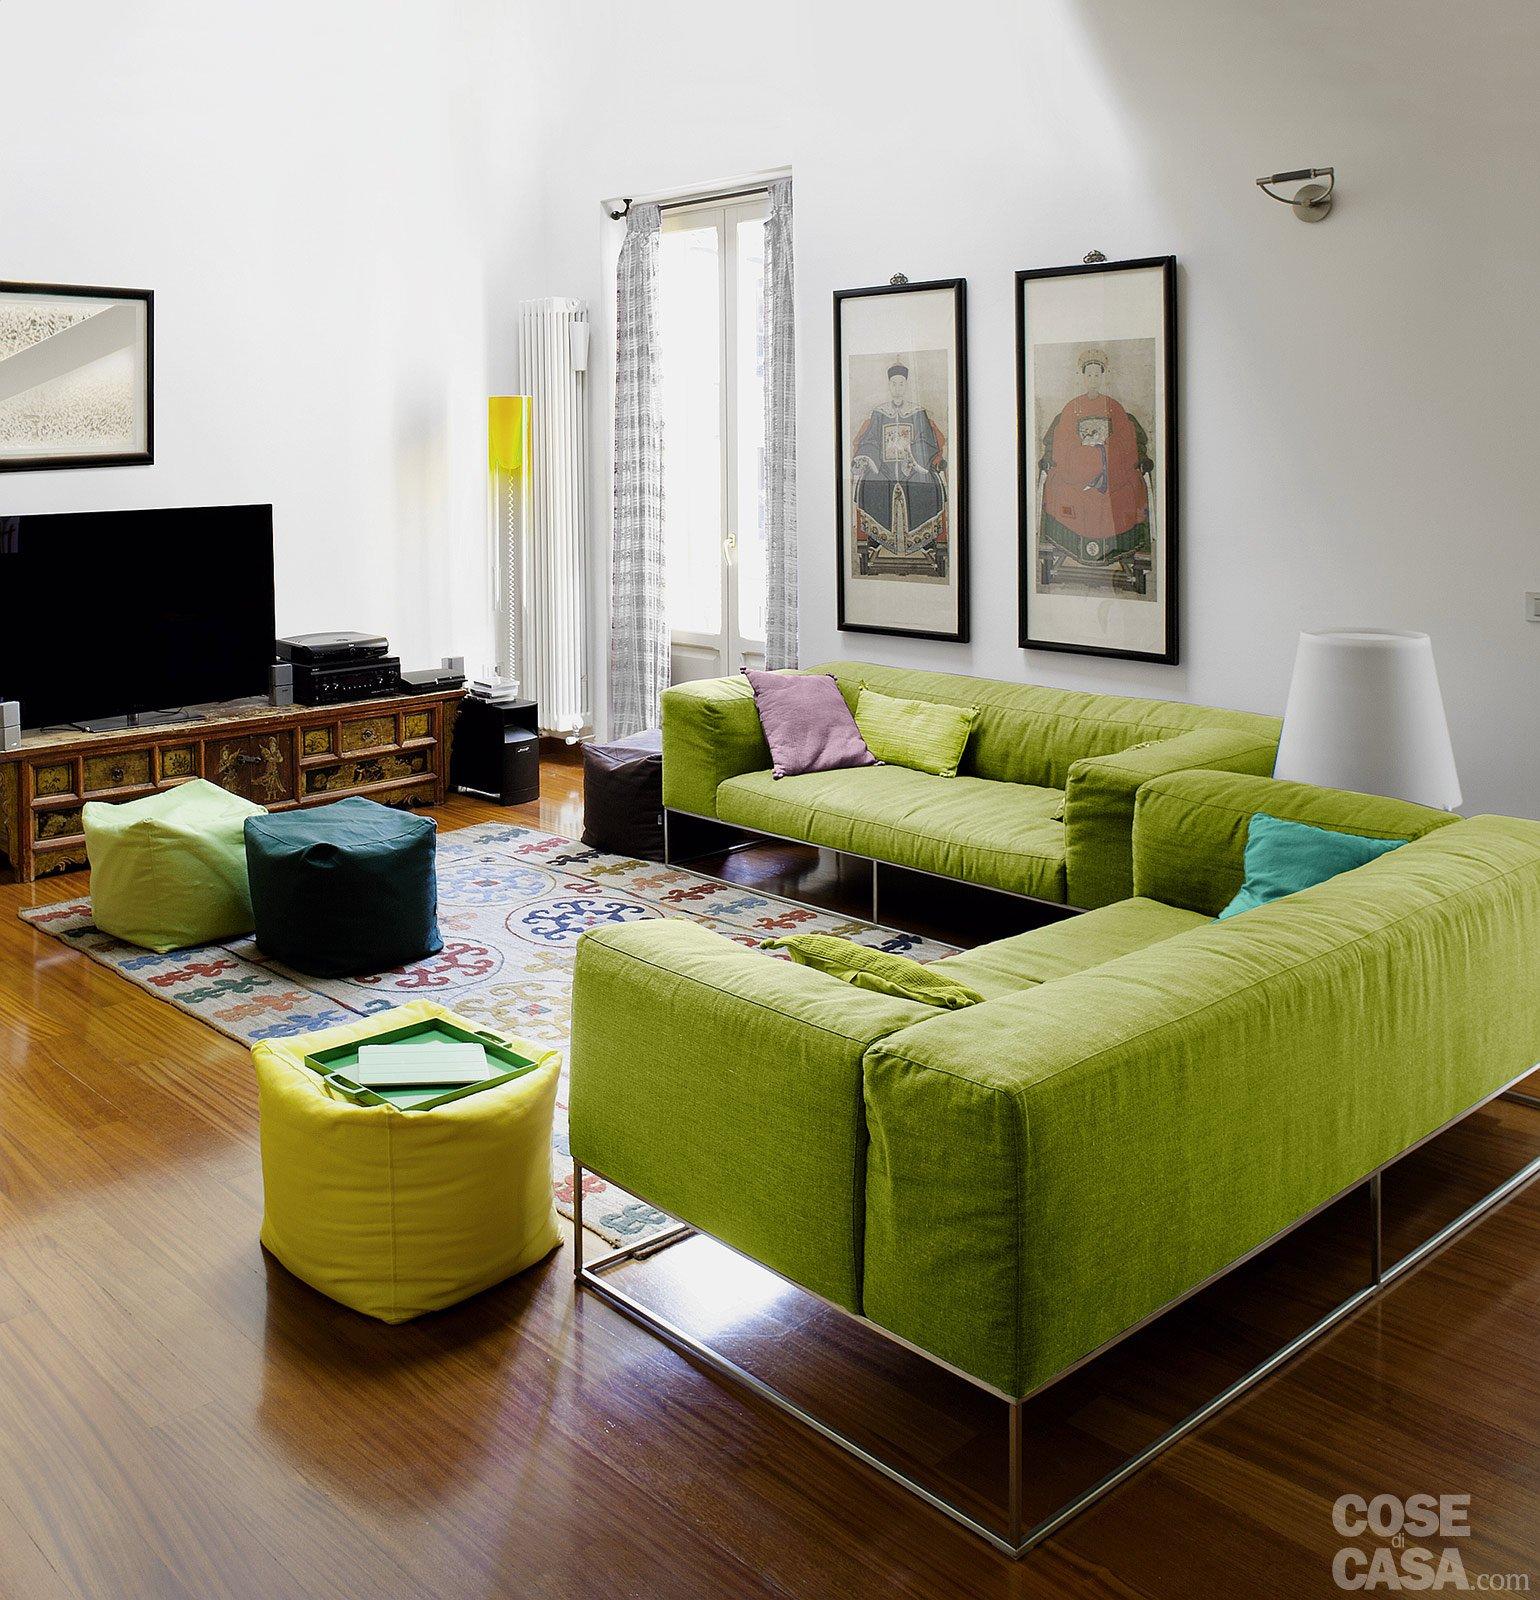 una casa con vani a scomparsa - cose di casa - Soggiorno Ad Angolo Moderno 2